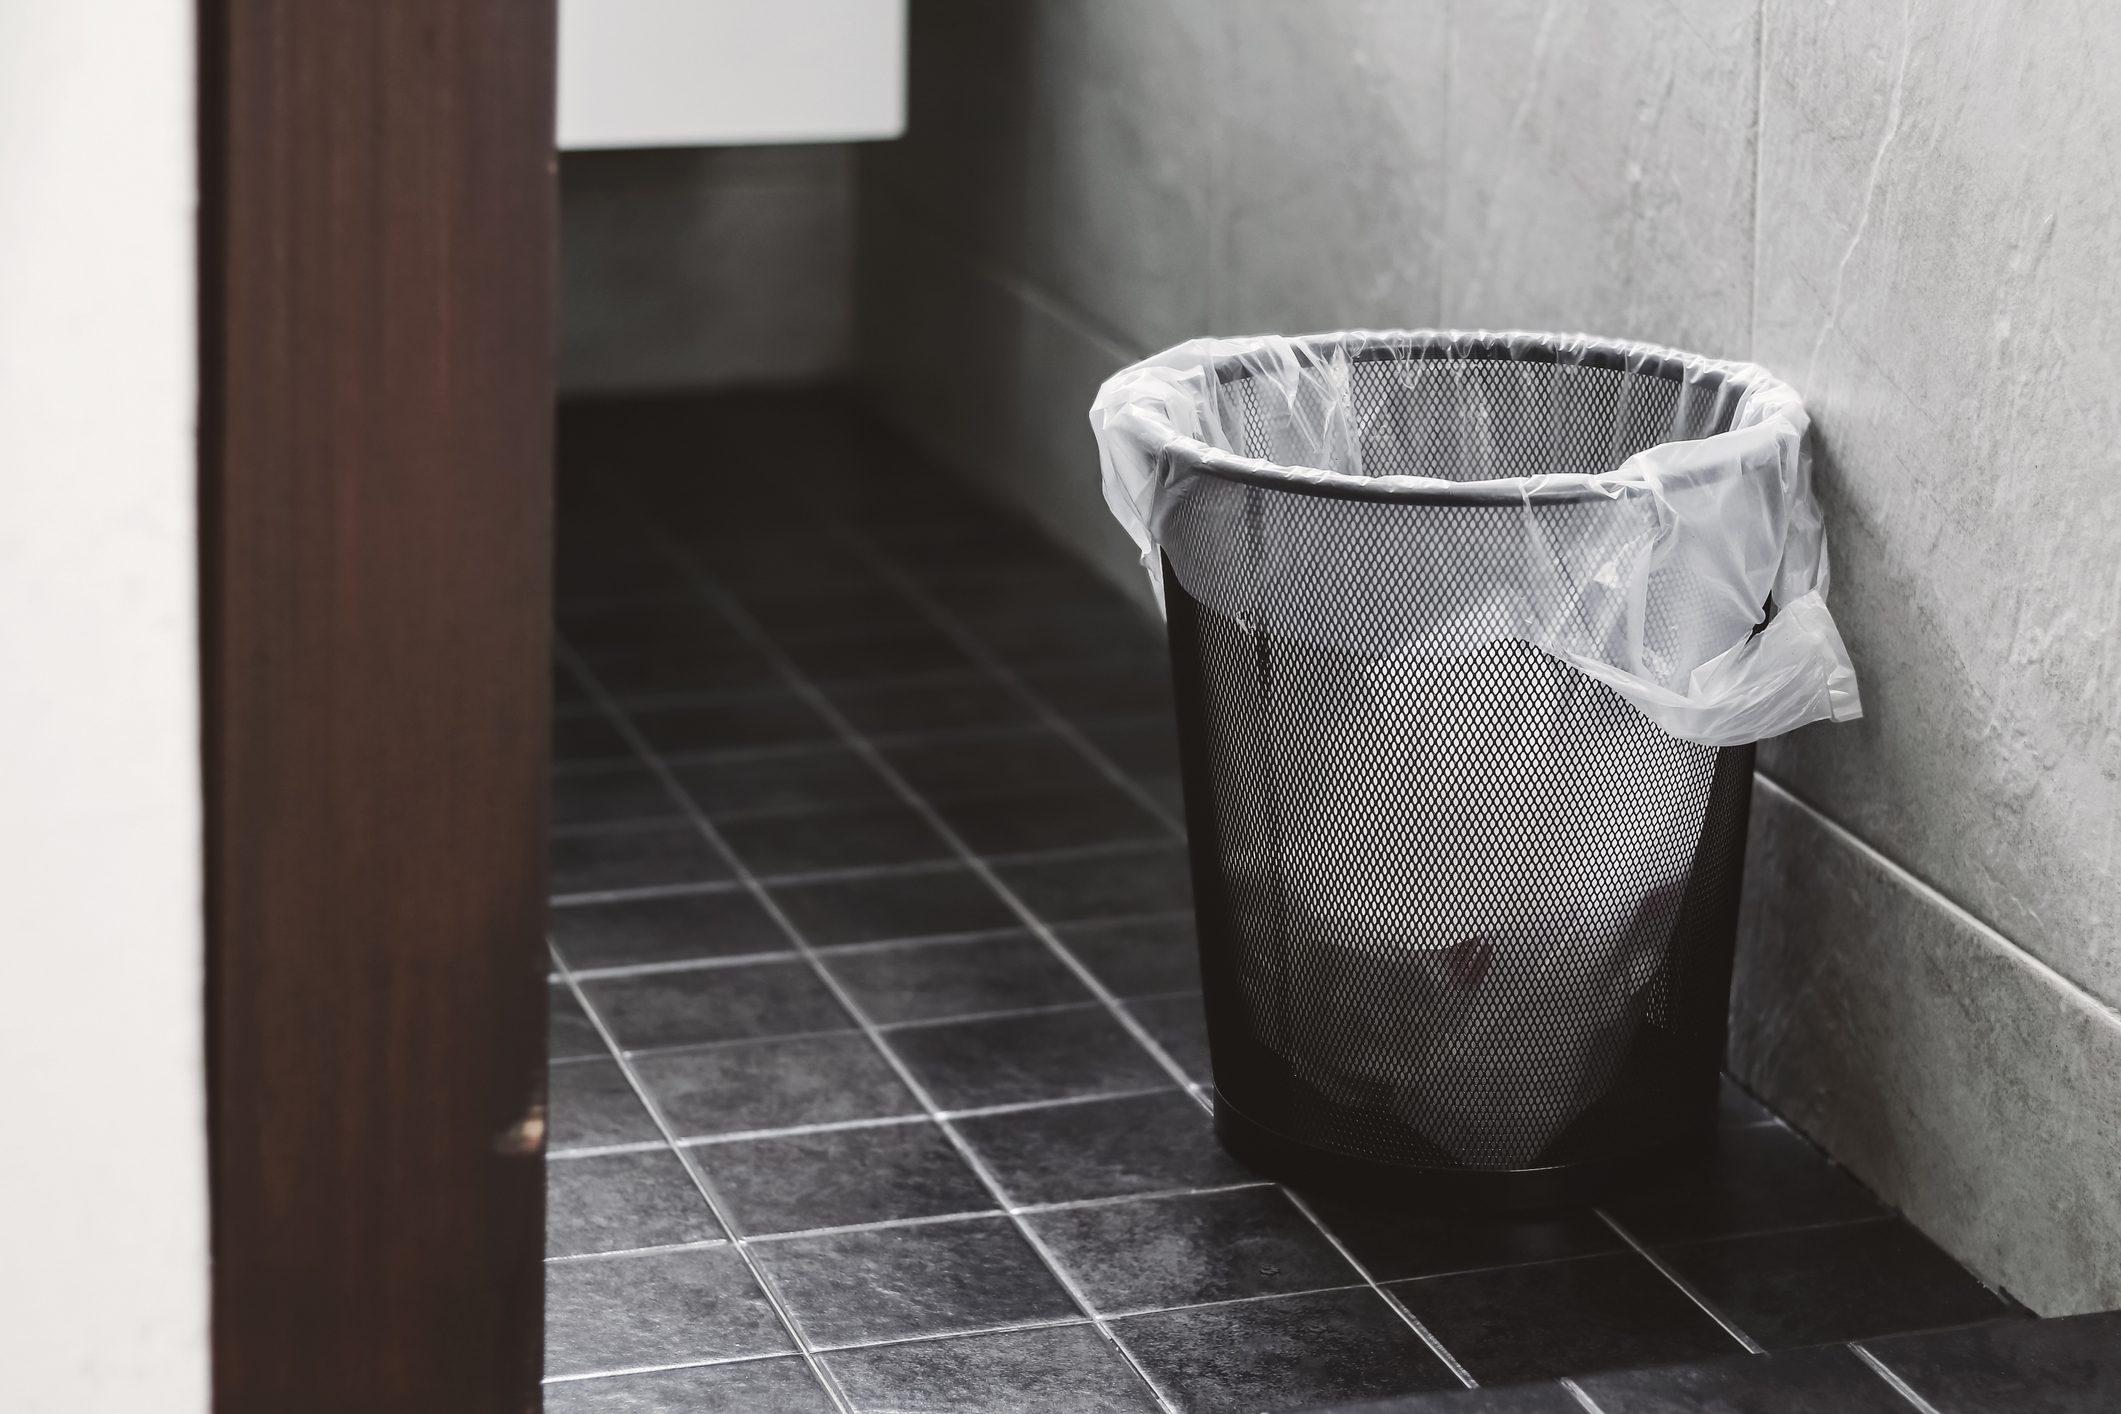 Dustbin On Tiled Floor